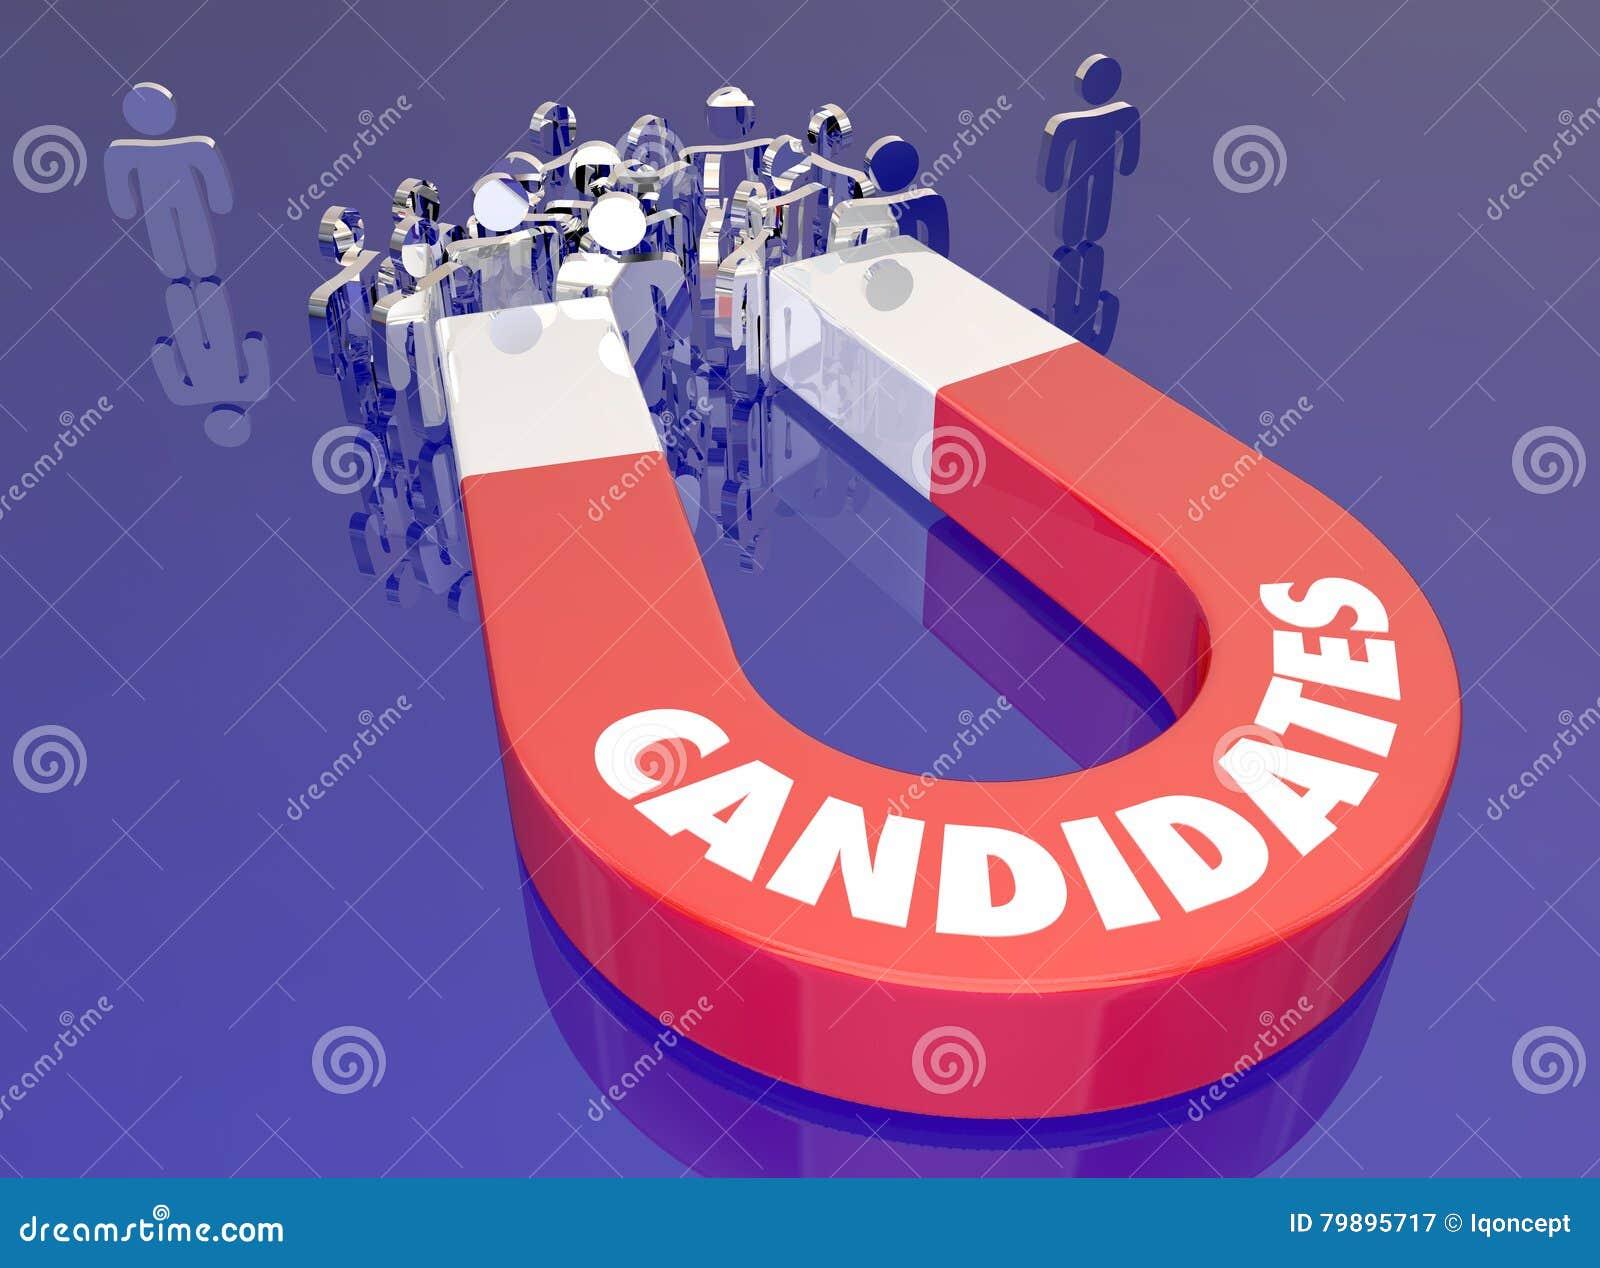 Les candidats attirent Job Applicants Magnet People Word